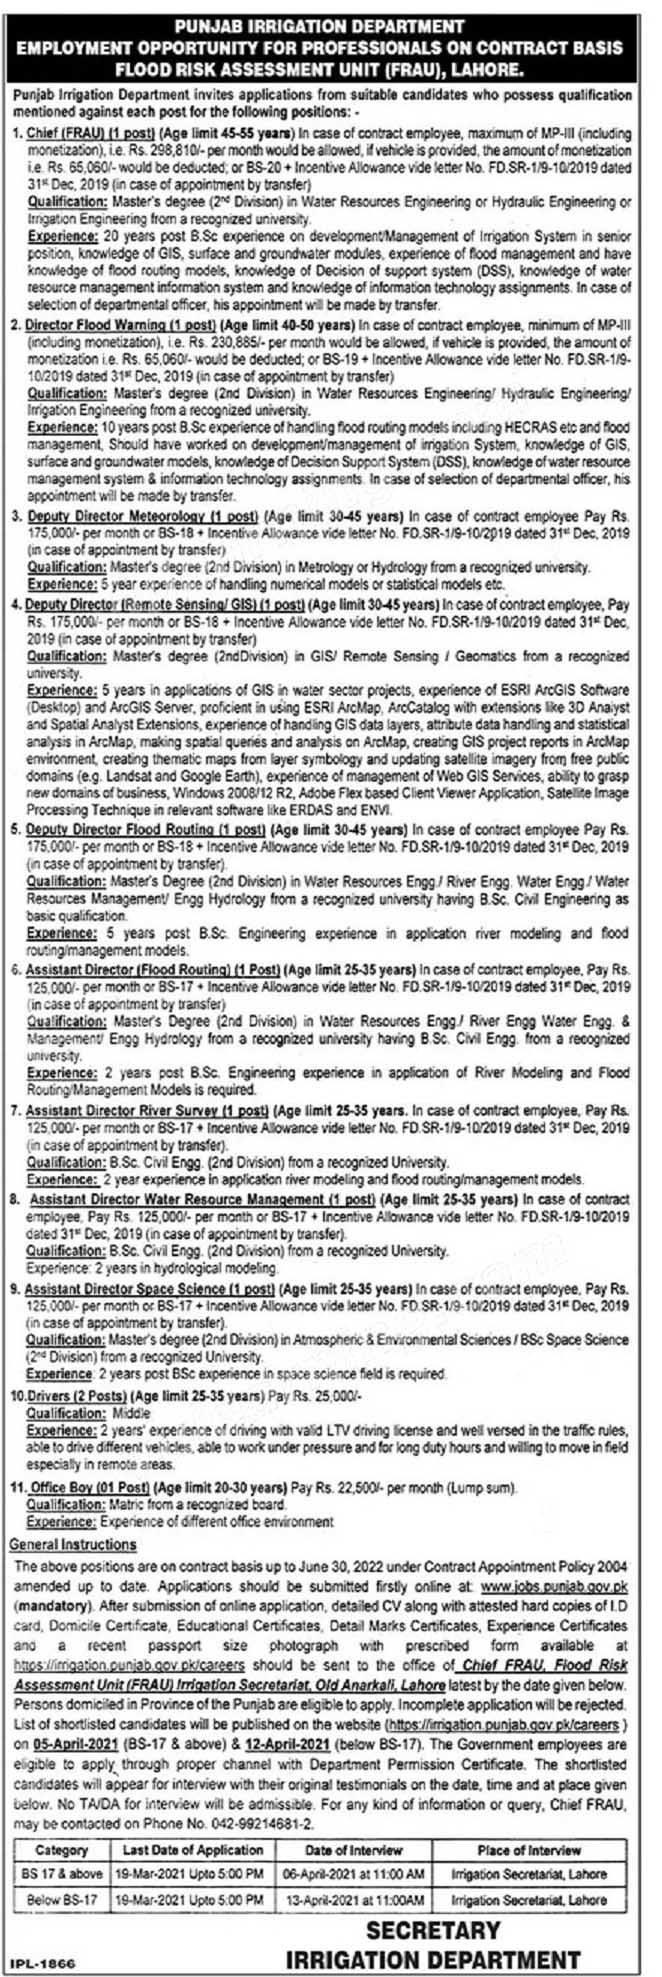 Punjab Irrigation Department Flood Risk Assessment Unit (FRAU) Lahore Directors, Dri